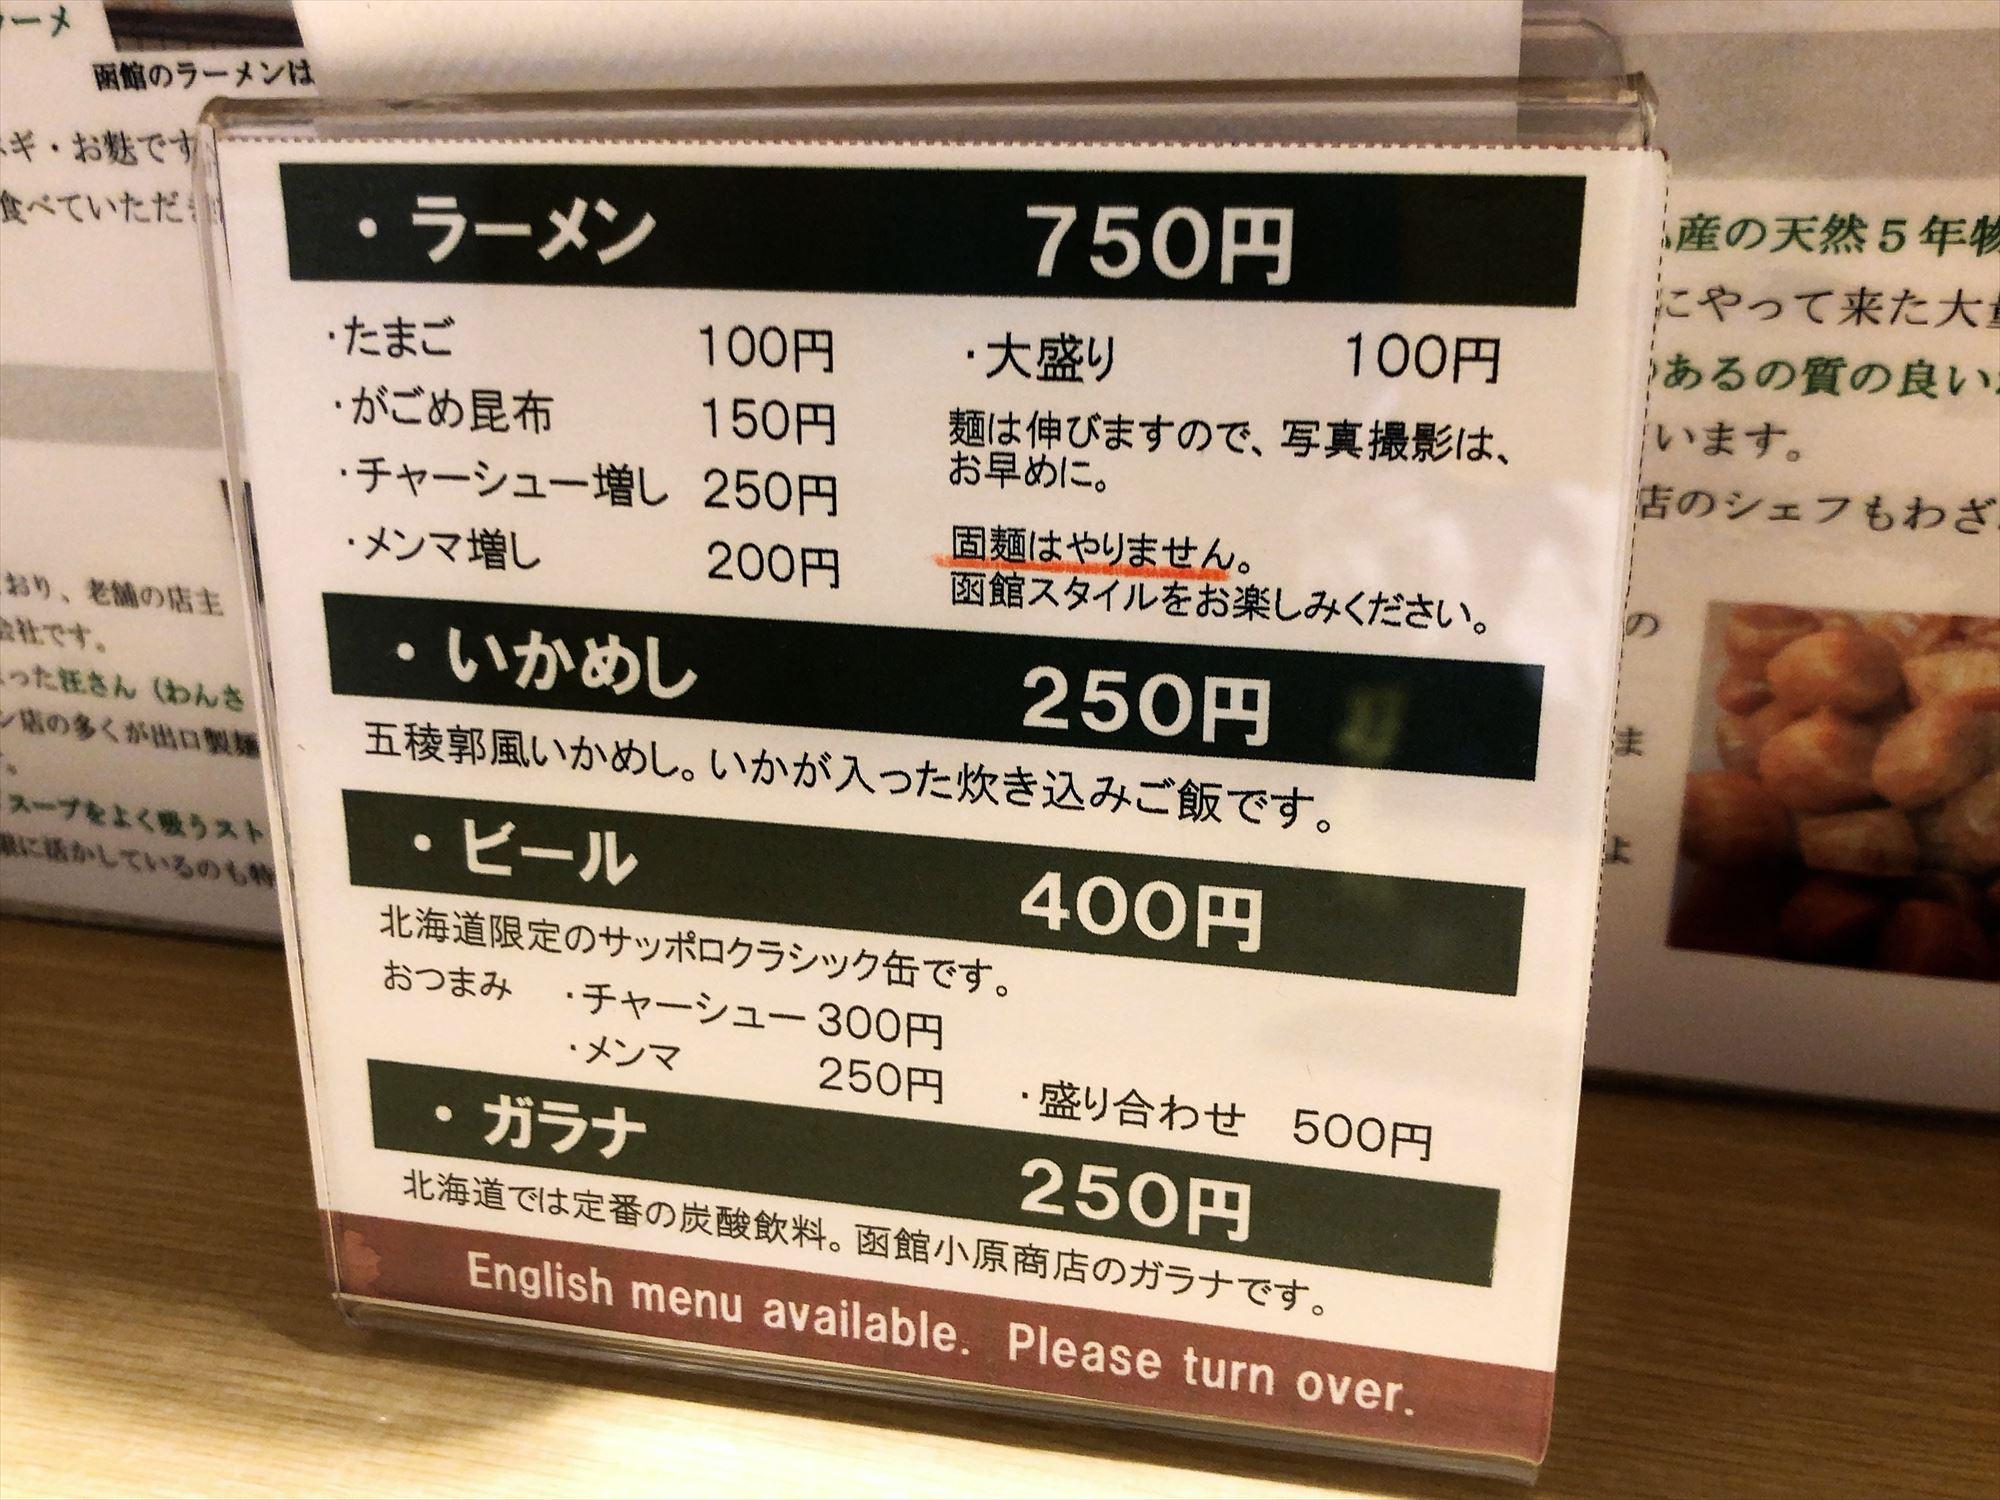 函館塩ラーメン 五稜郭のメニュー